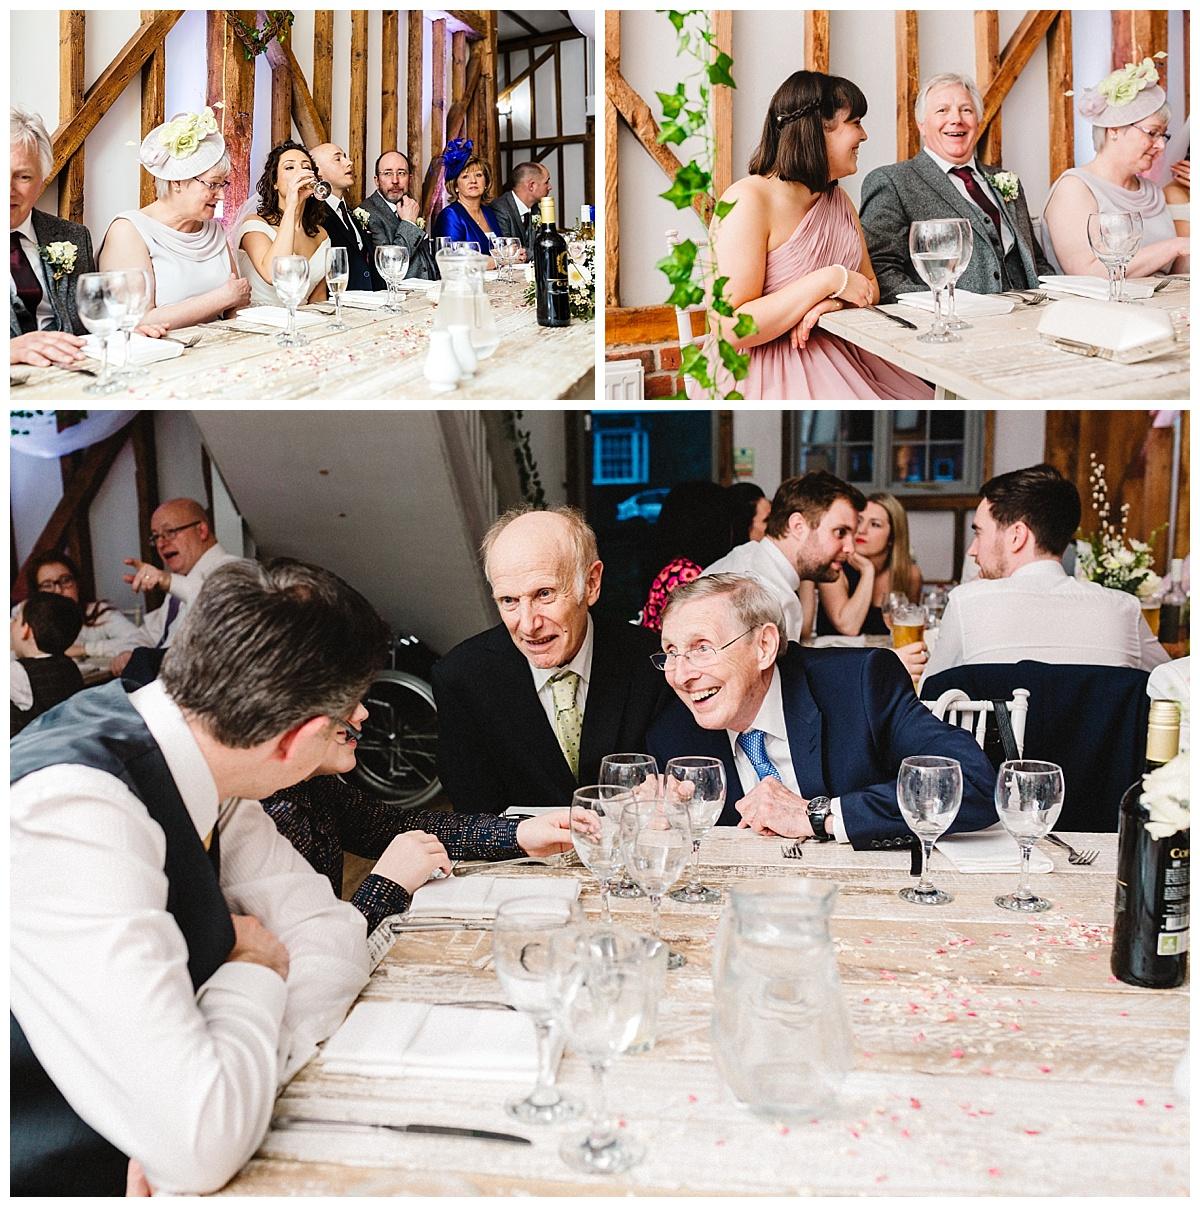 guests at a wedding at milling barn